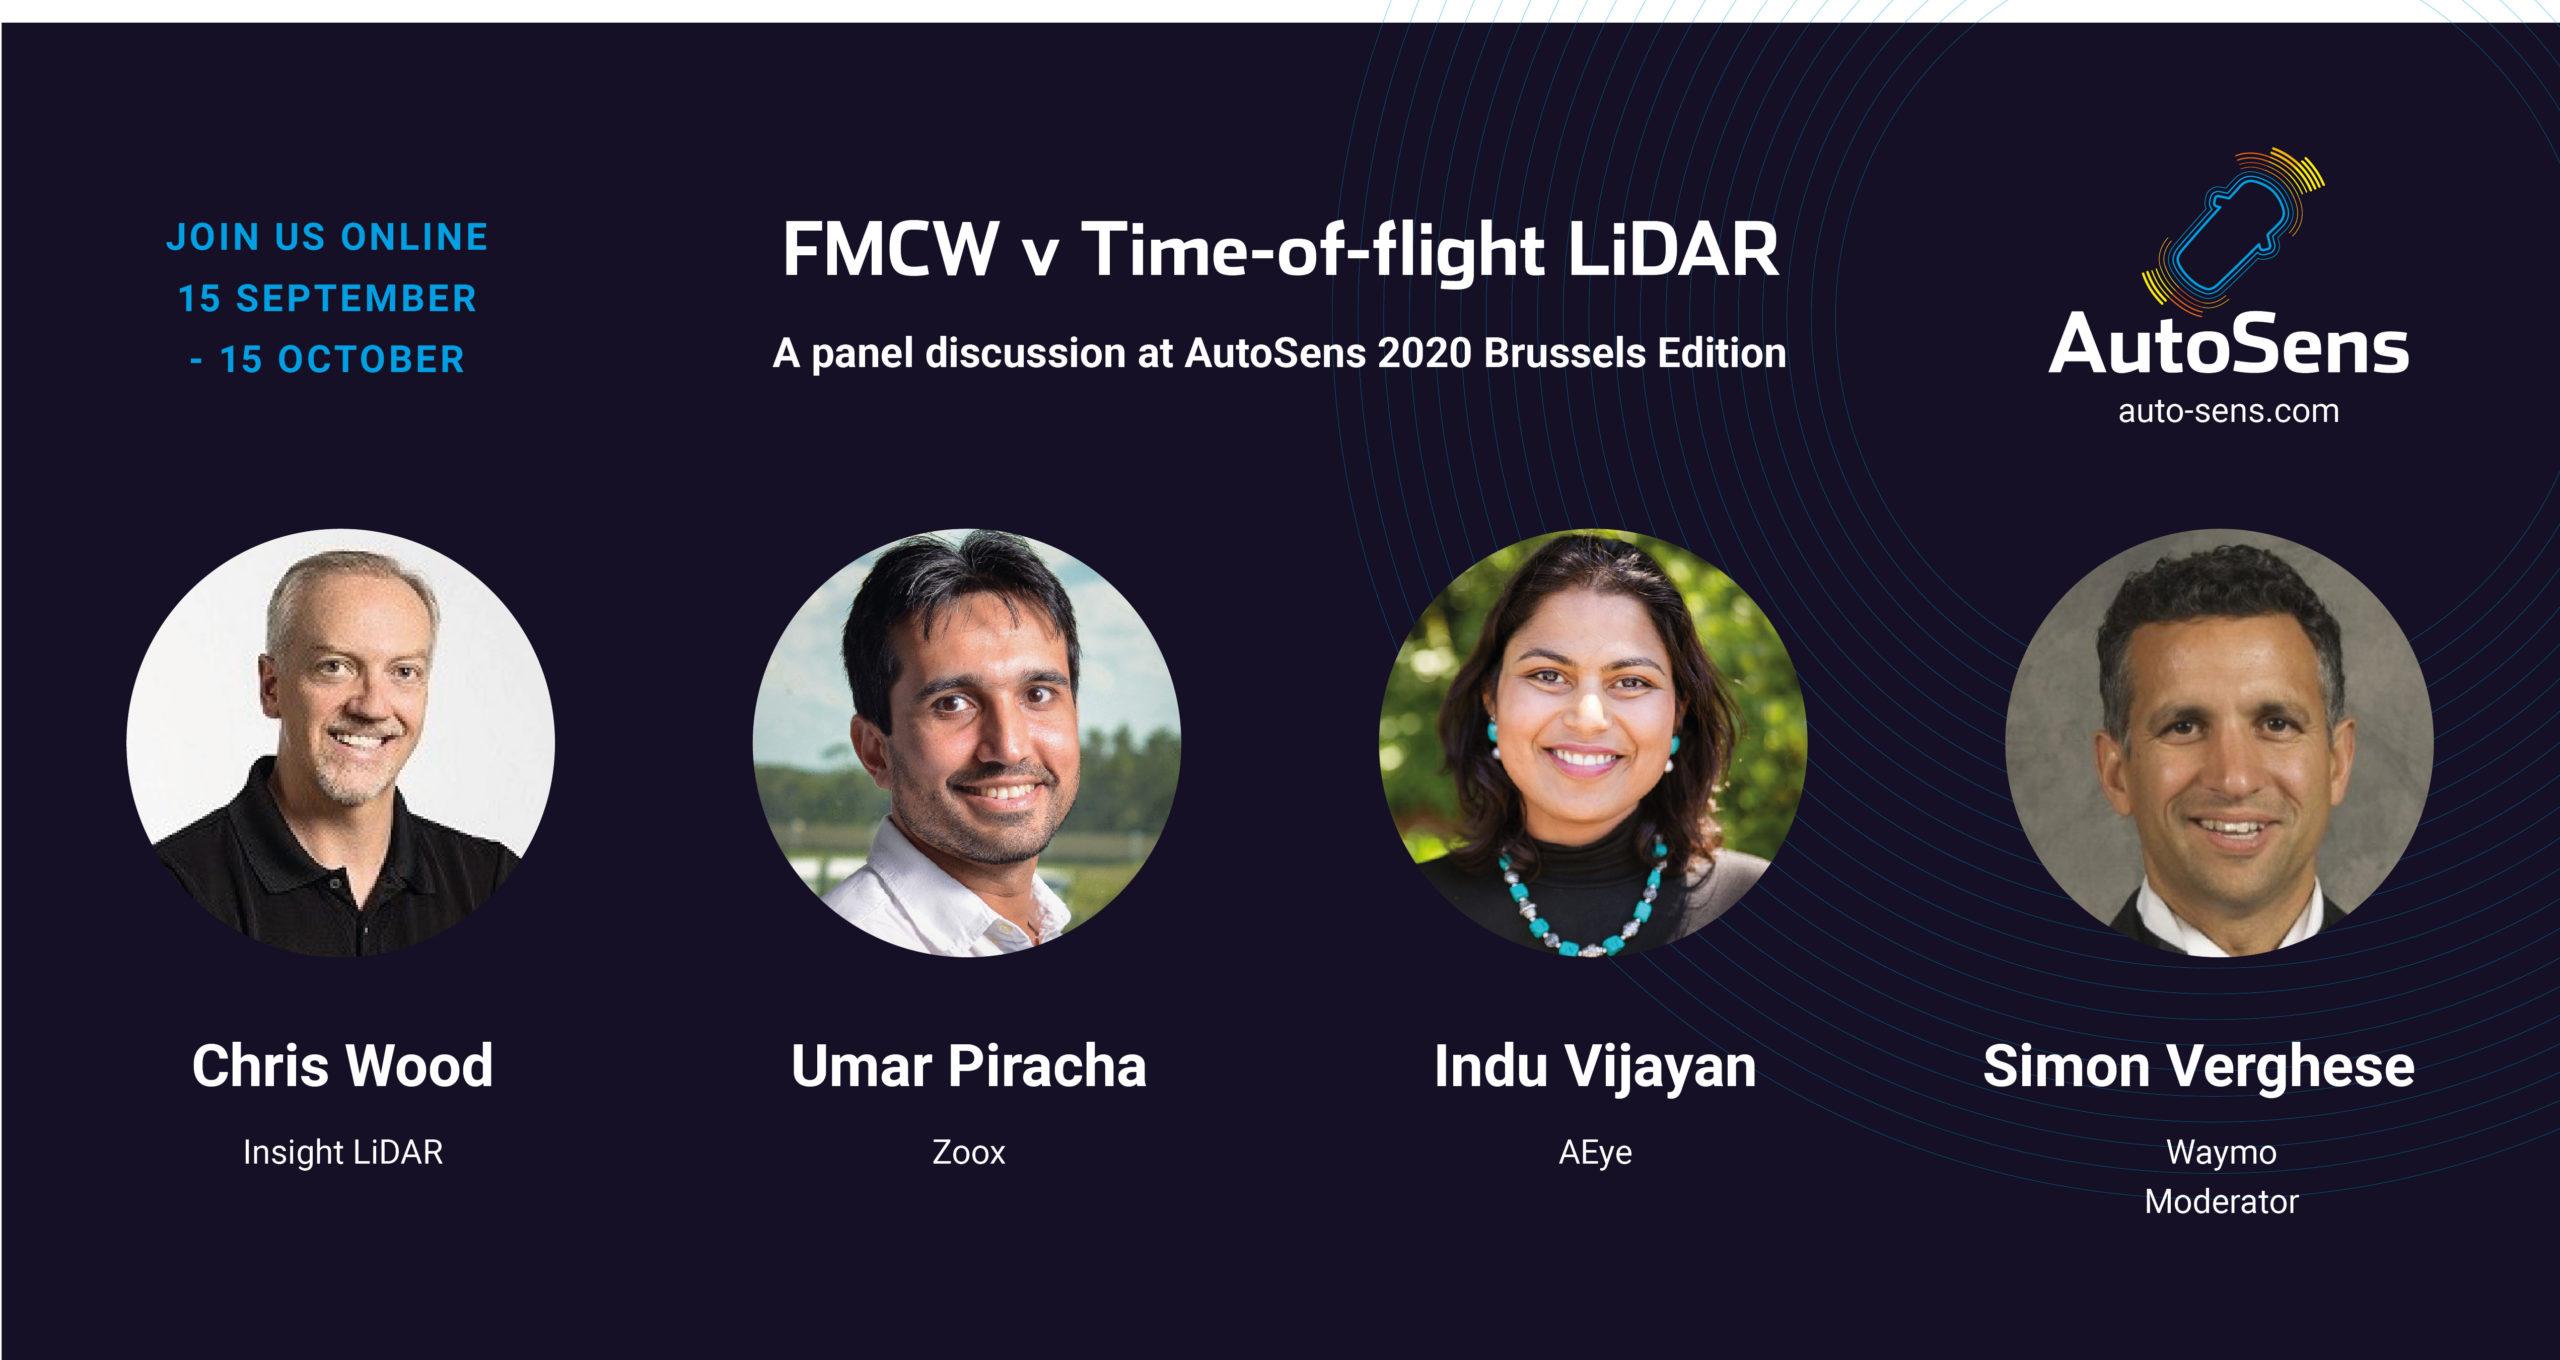 FMCW v Time-of-flight LiDAR